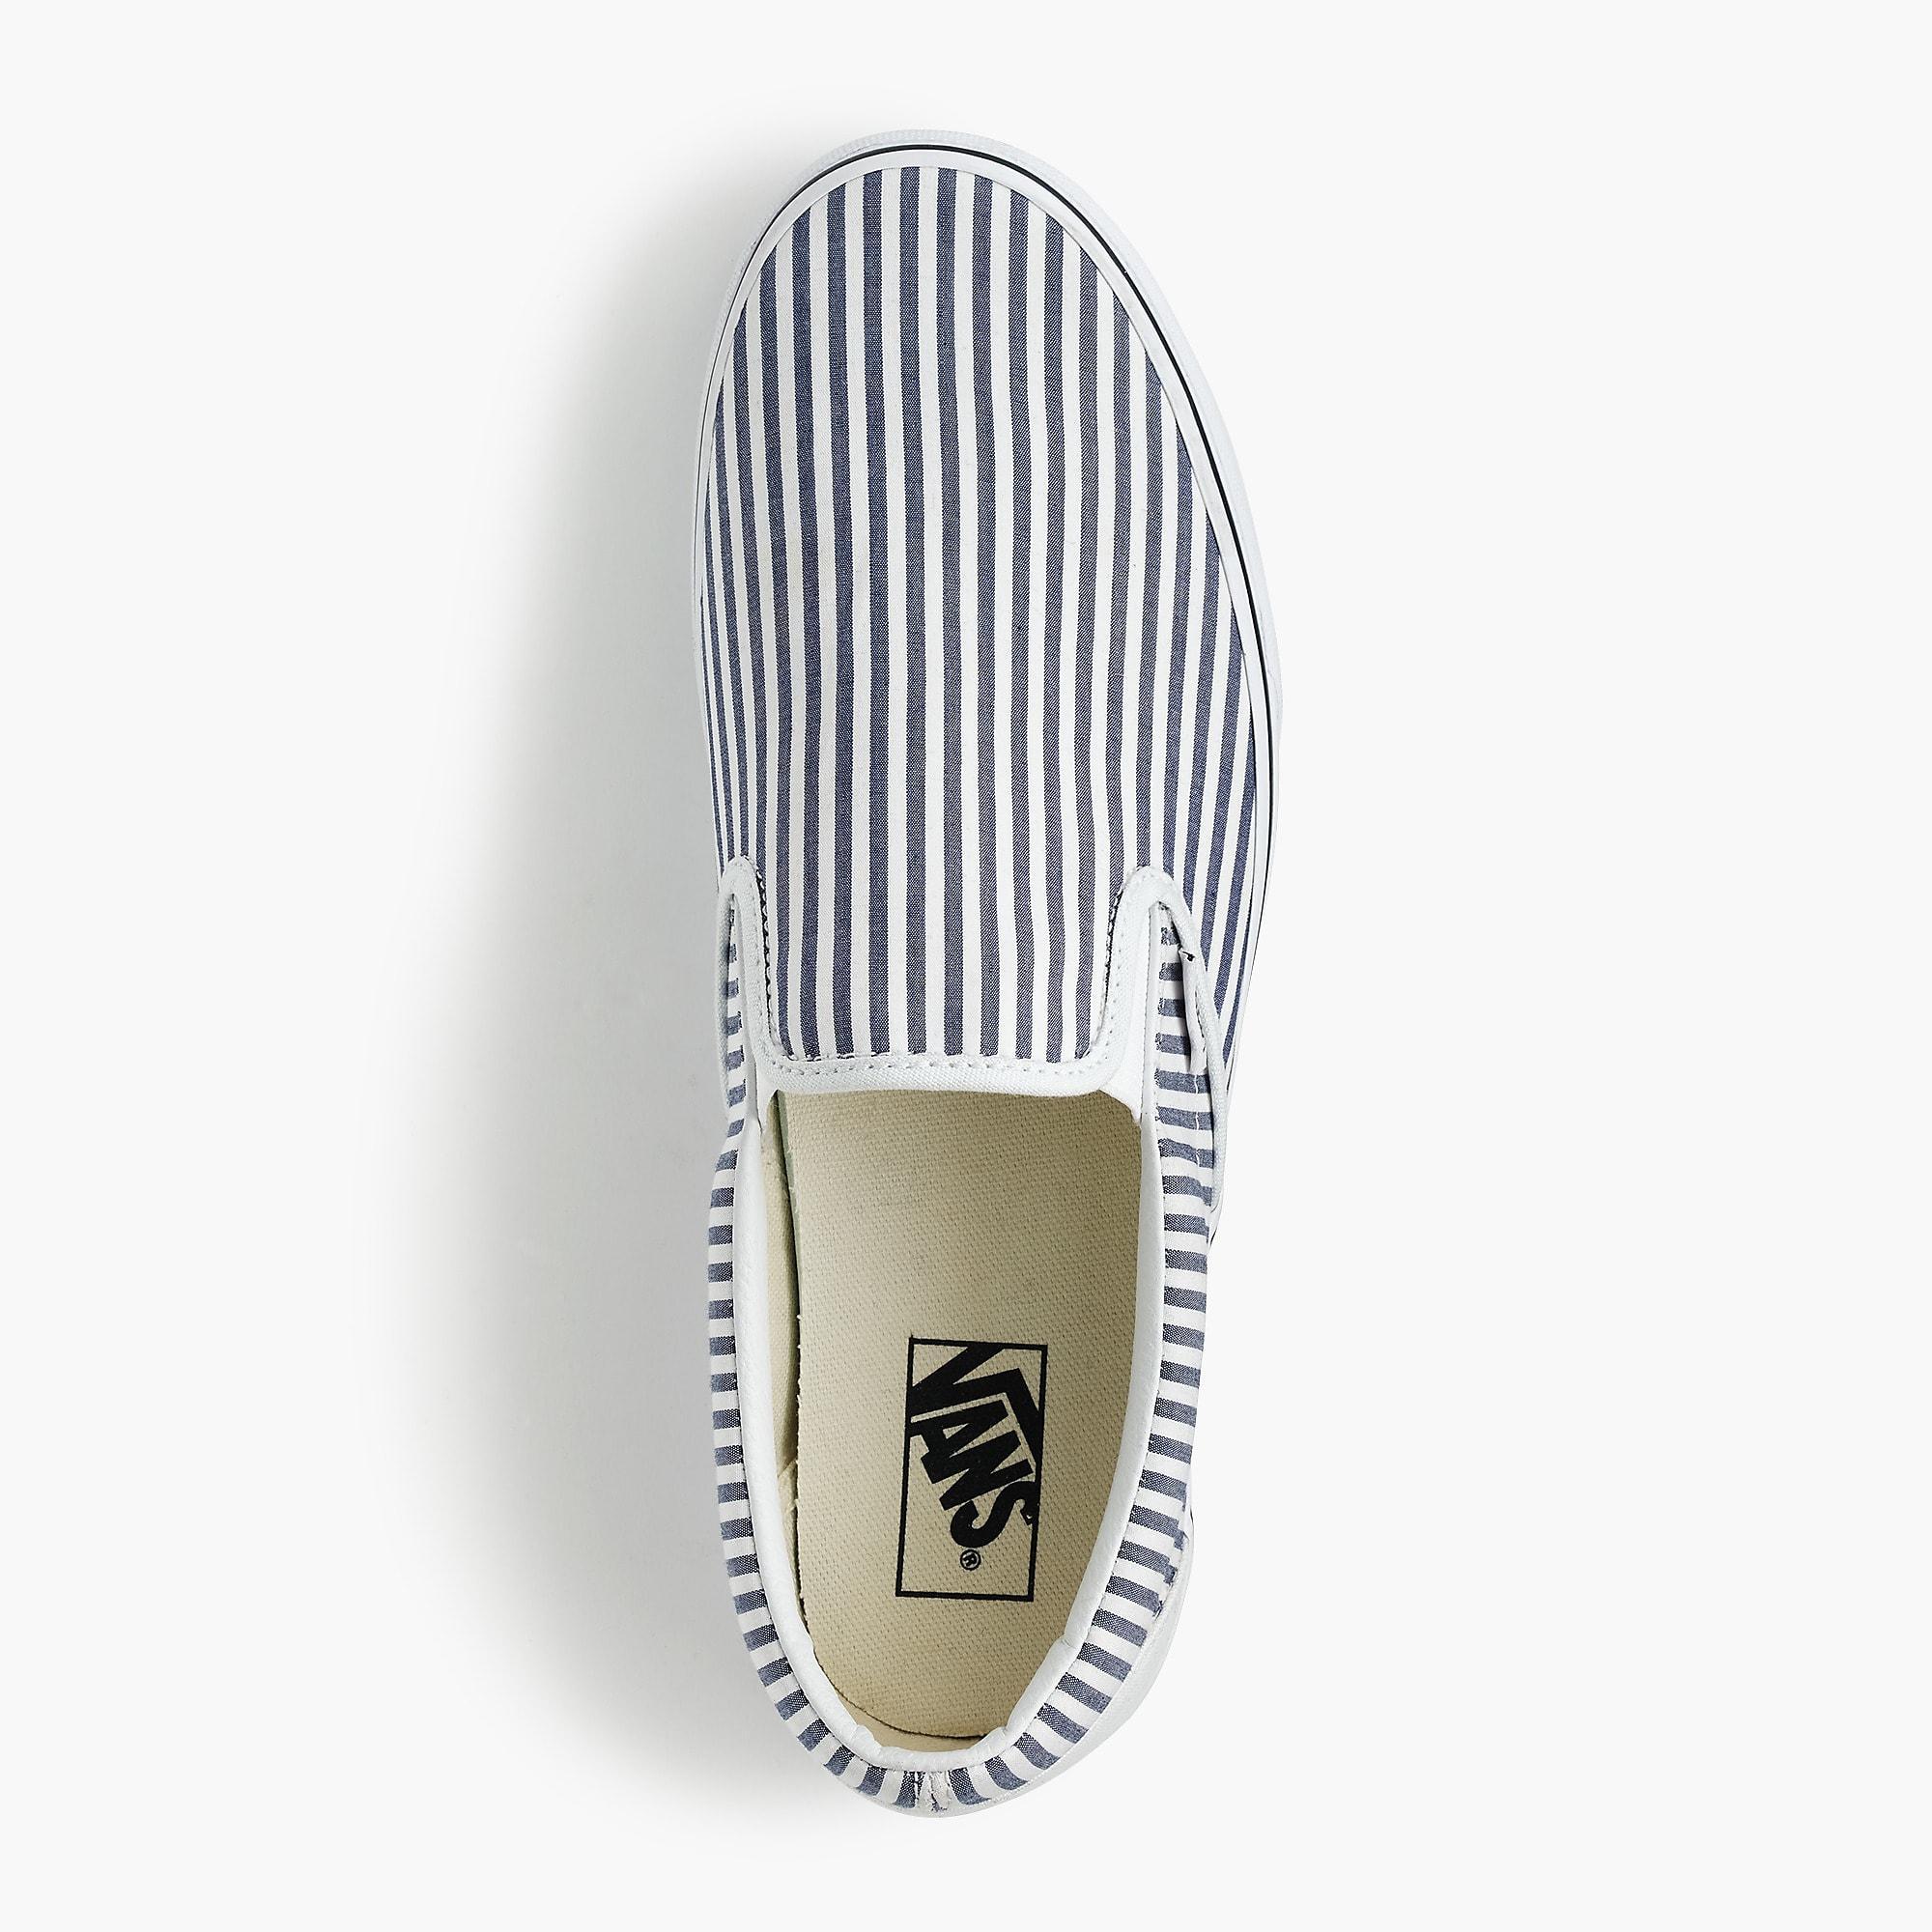 e2445dc2b0 Lyst - Vans Slip-on Sneakers In Seersucker Stripe in Blue for Men